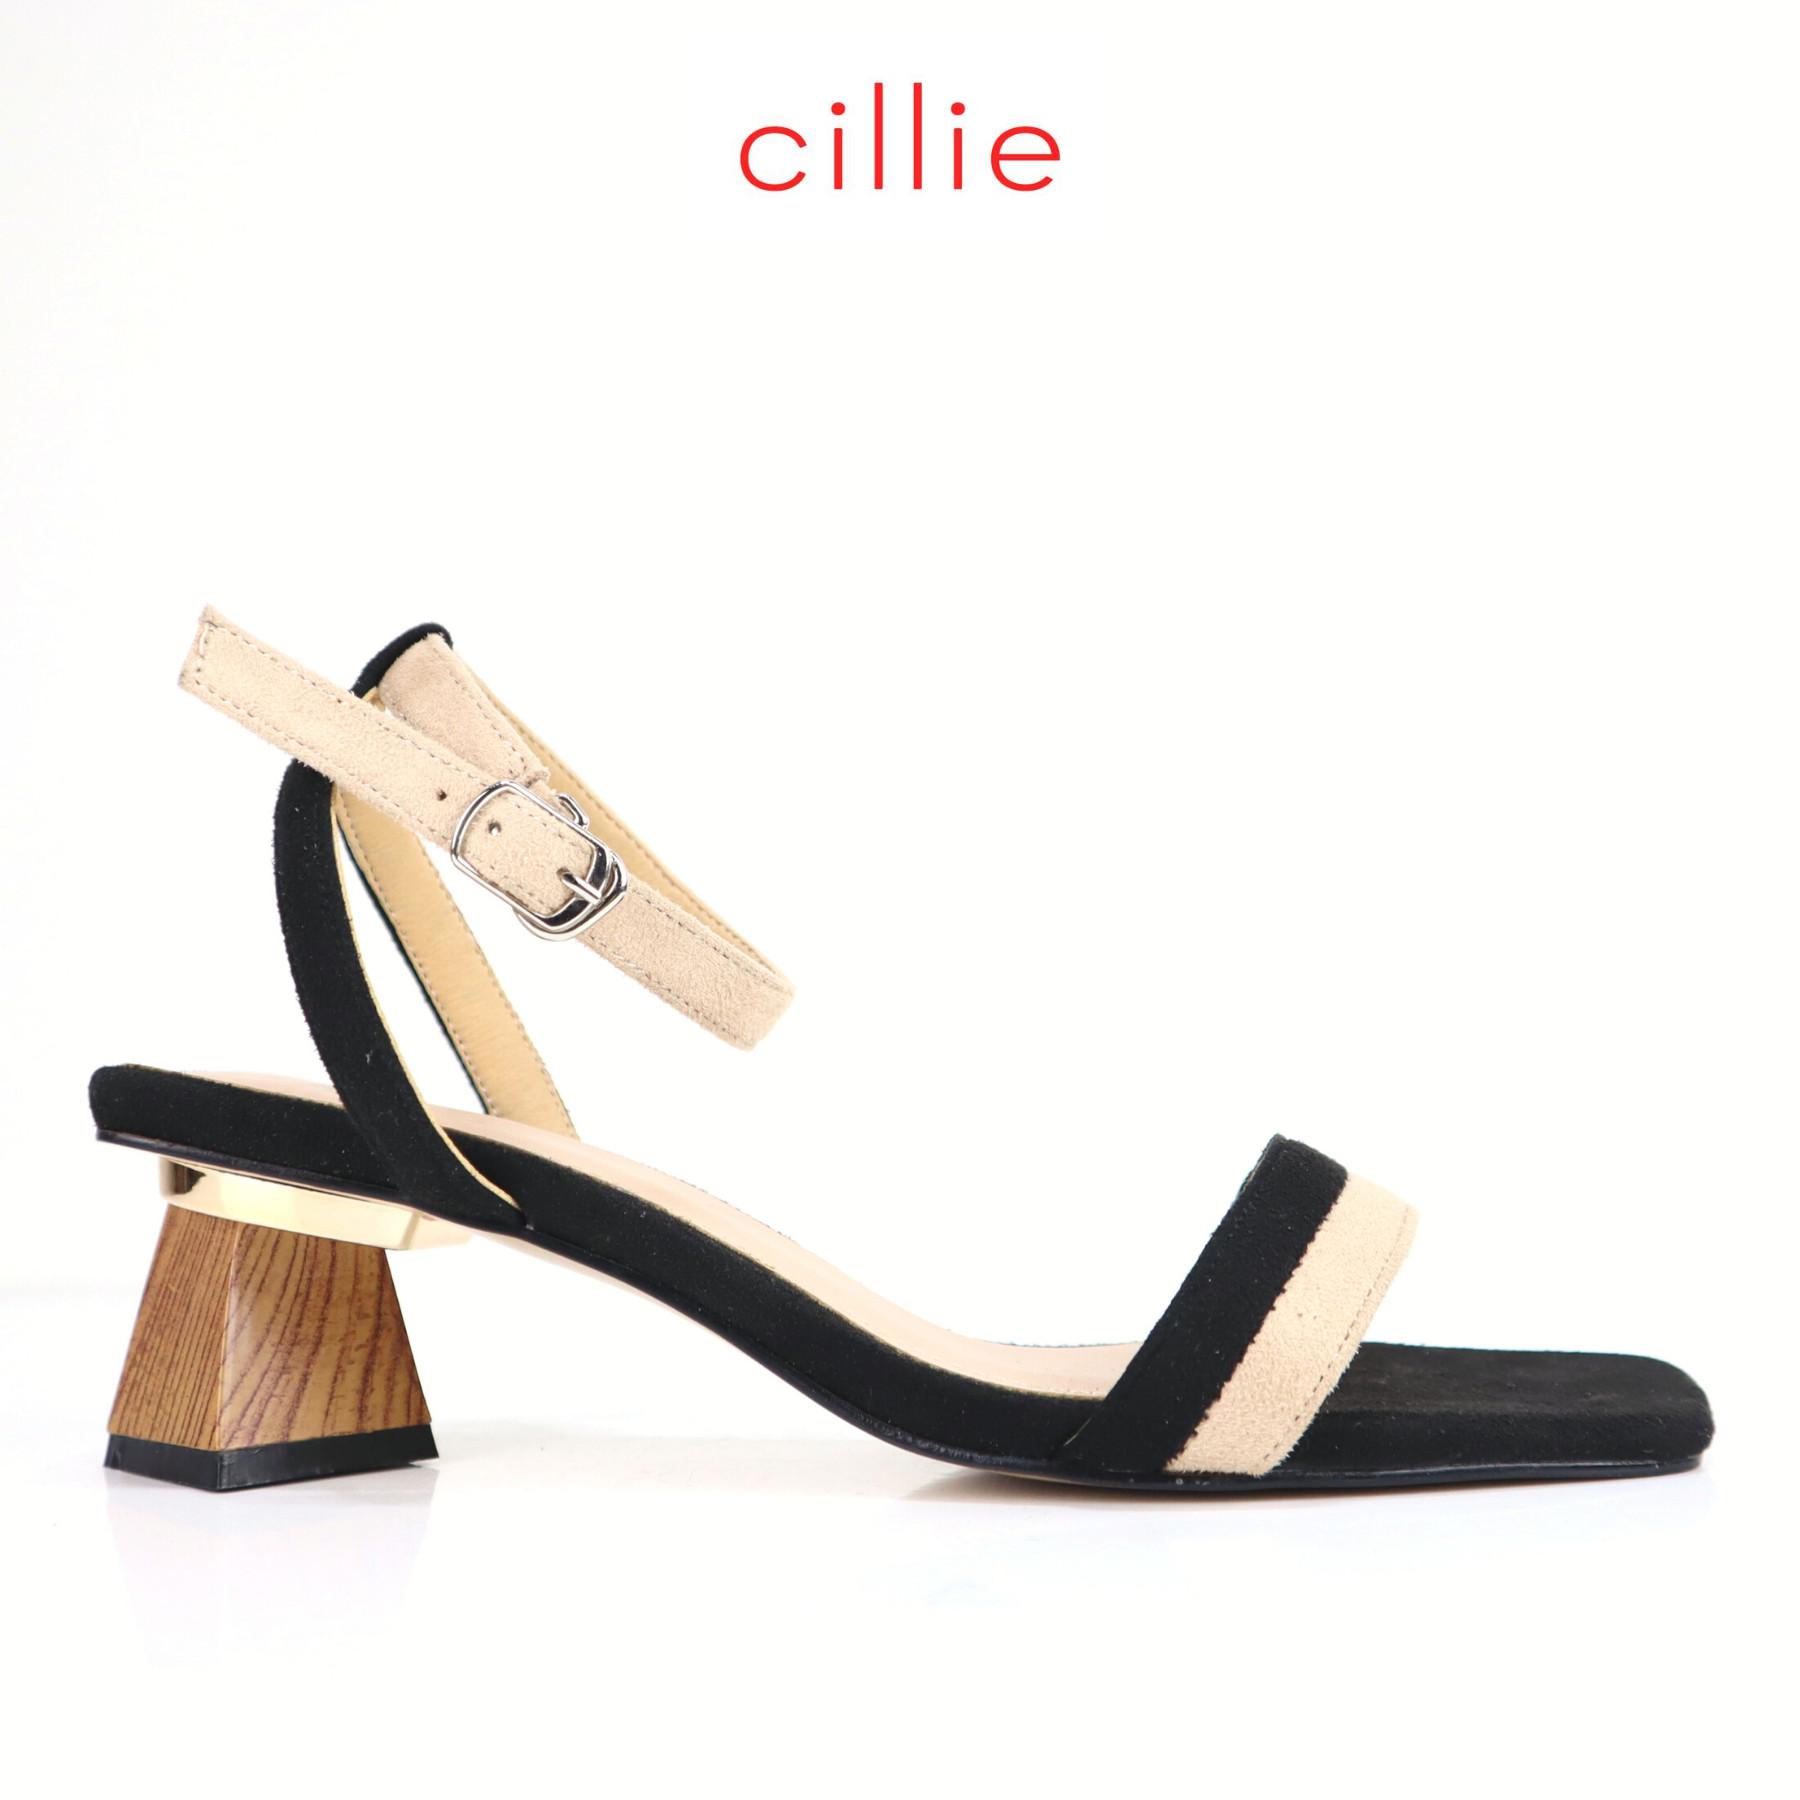 Giày sandal quai ngang da lộn phối màu cao 5cm Cillie 1198